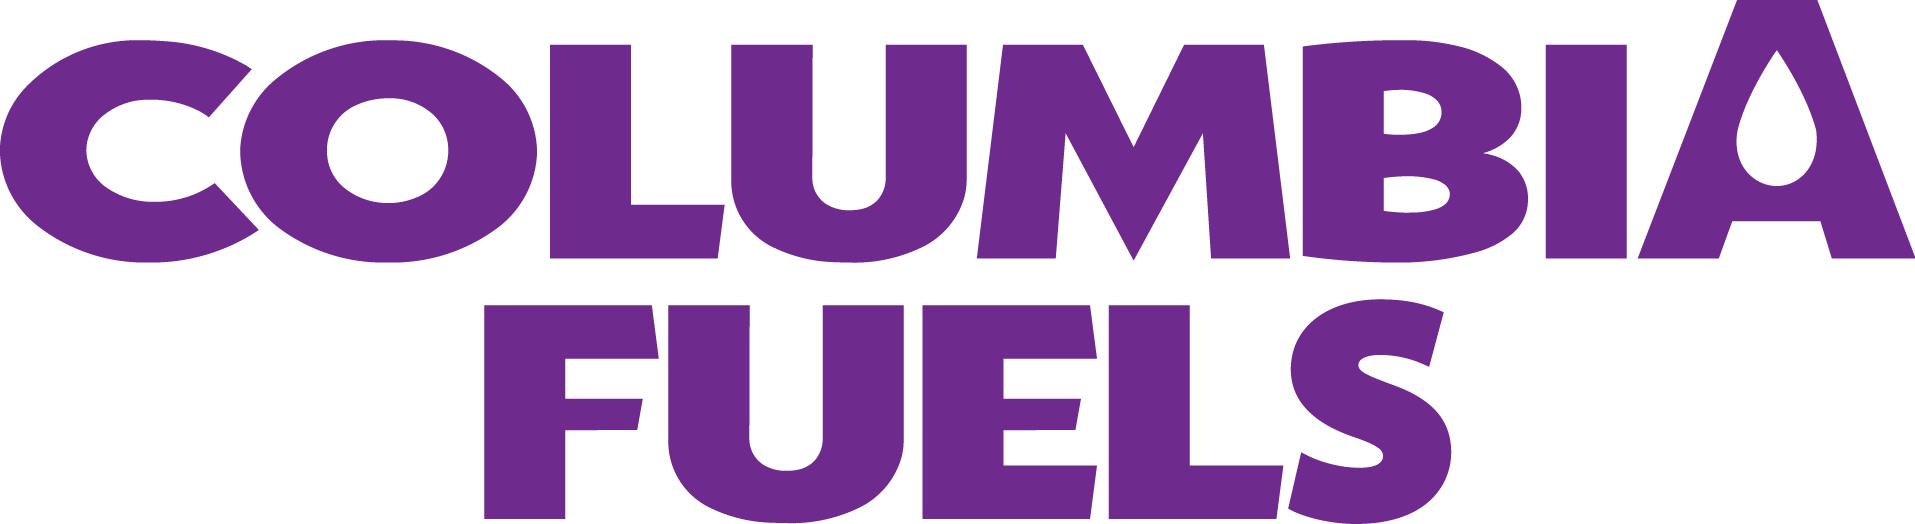 PFC CCF logo stacked PMS